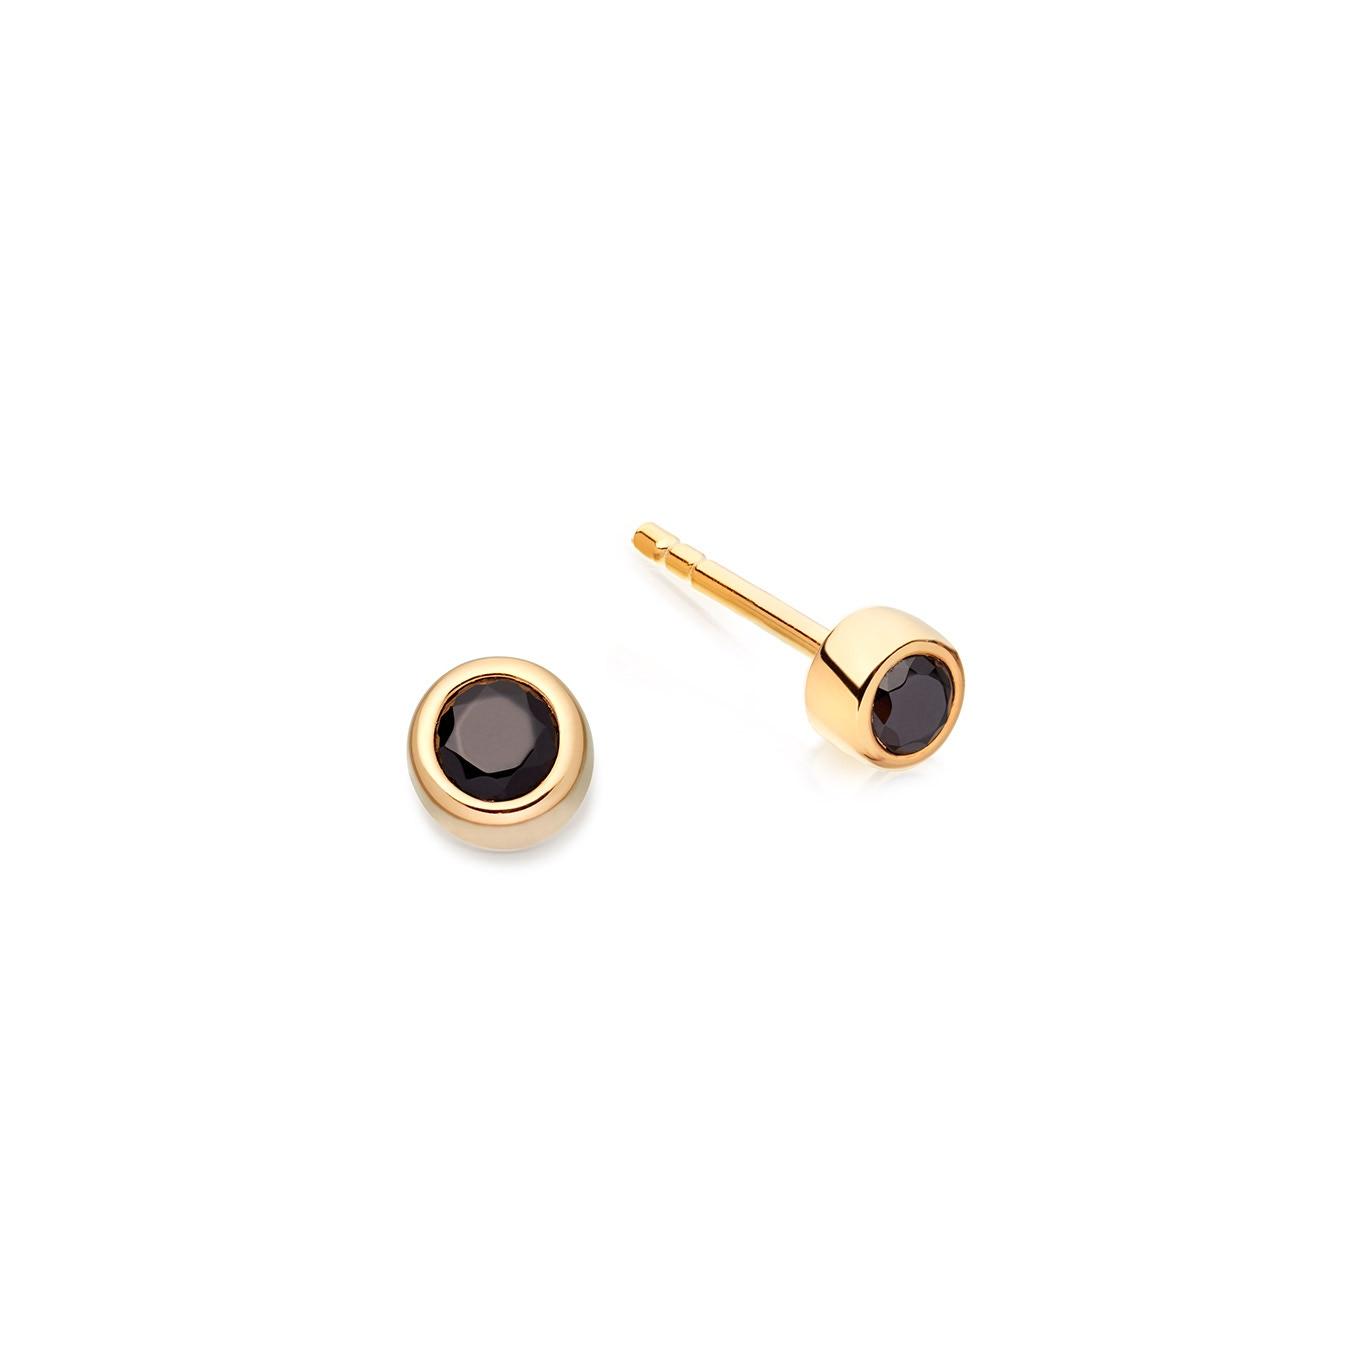 Mini Spinel Stilla Stud Earrings